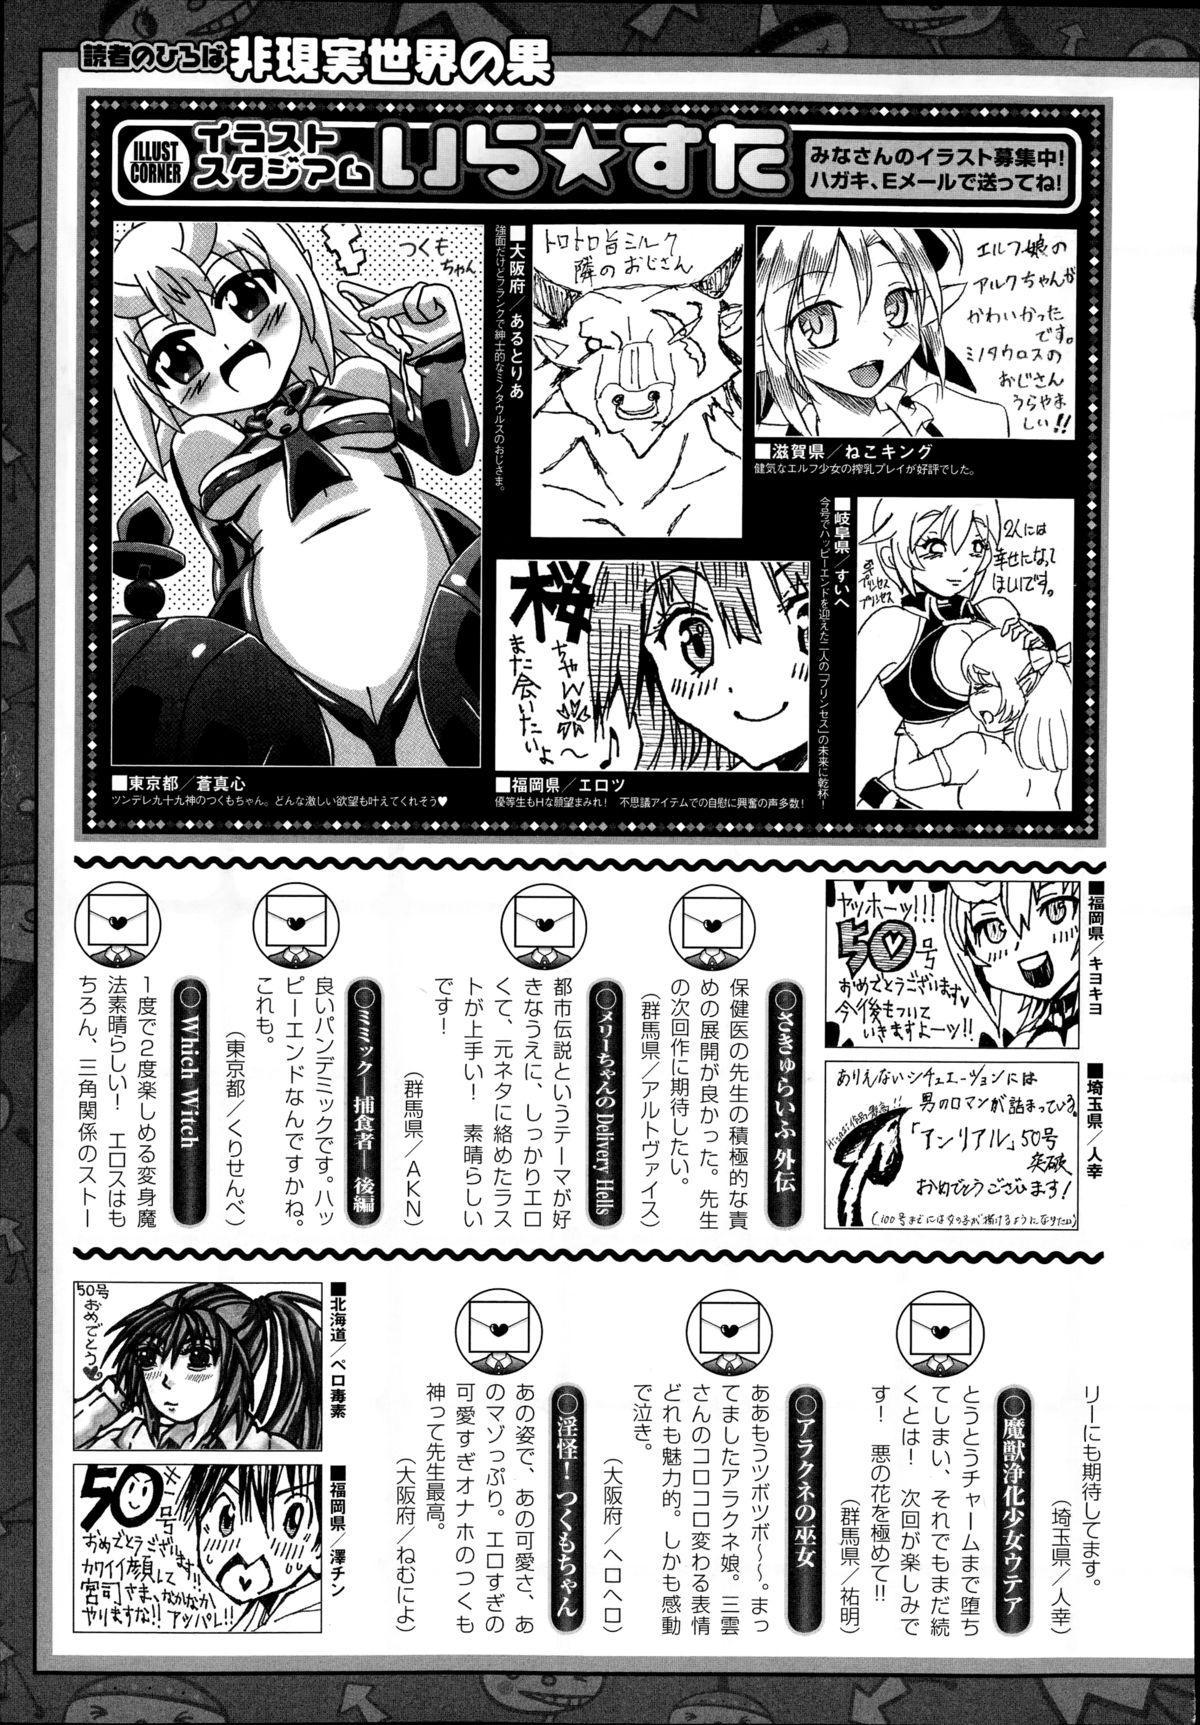 COMIC Unreal 2014-10 Vol.51 444